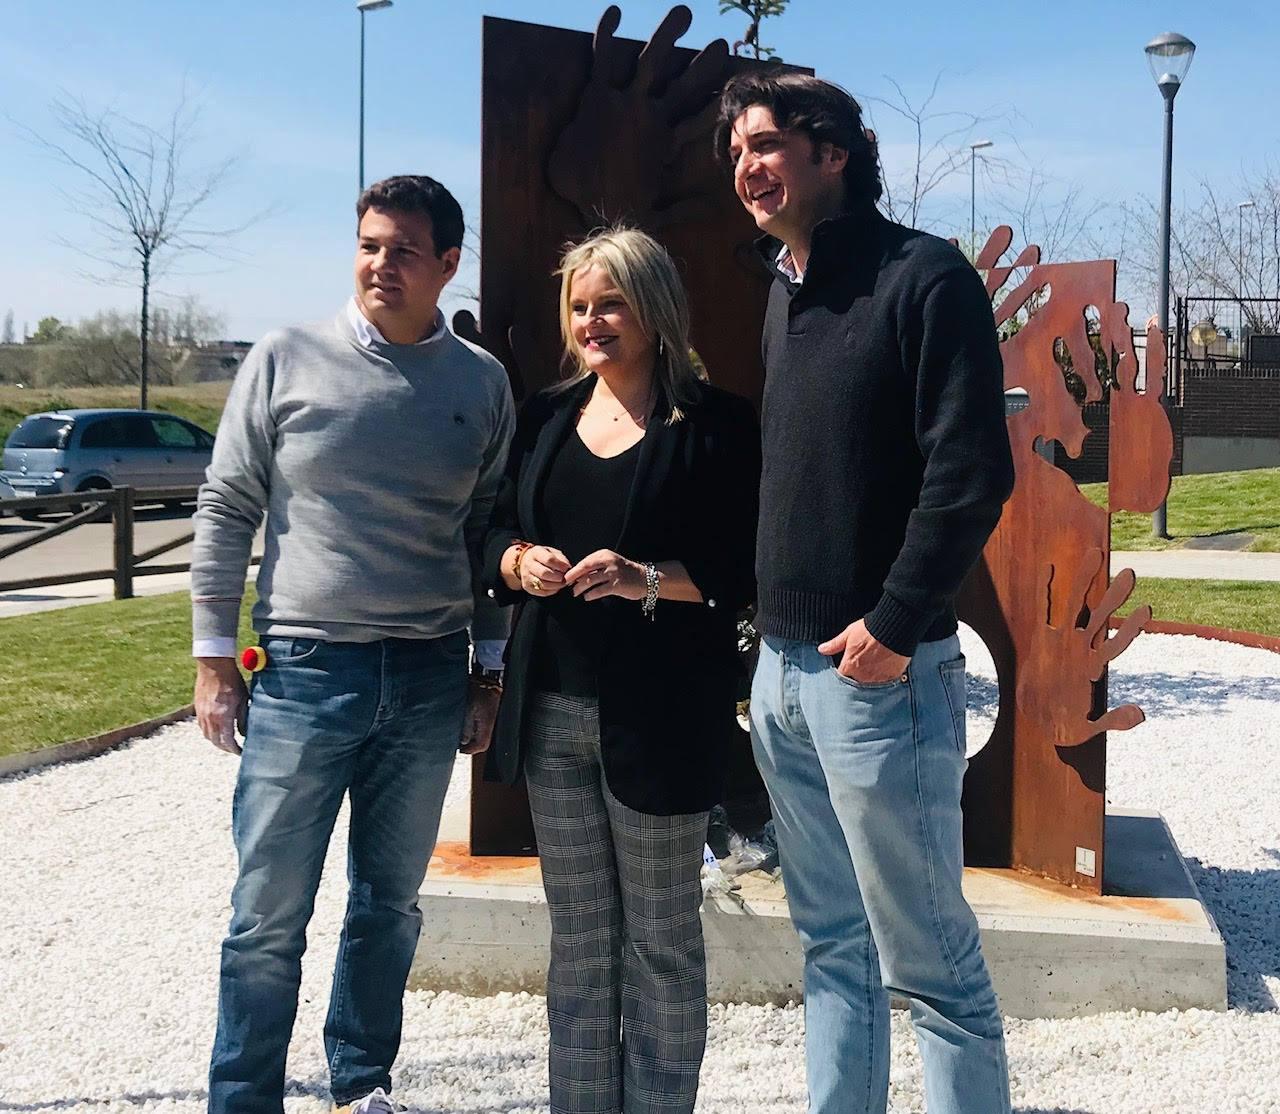 Alcalde de Las Rozas, José de Uz , presidenta de la FMAB, Marimar Blanco y escultor de la obra, Gonzalo de Salas.